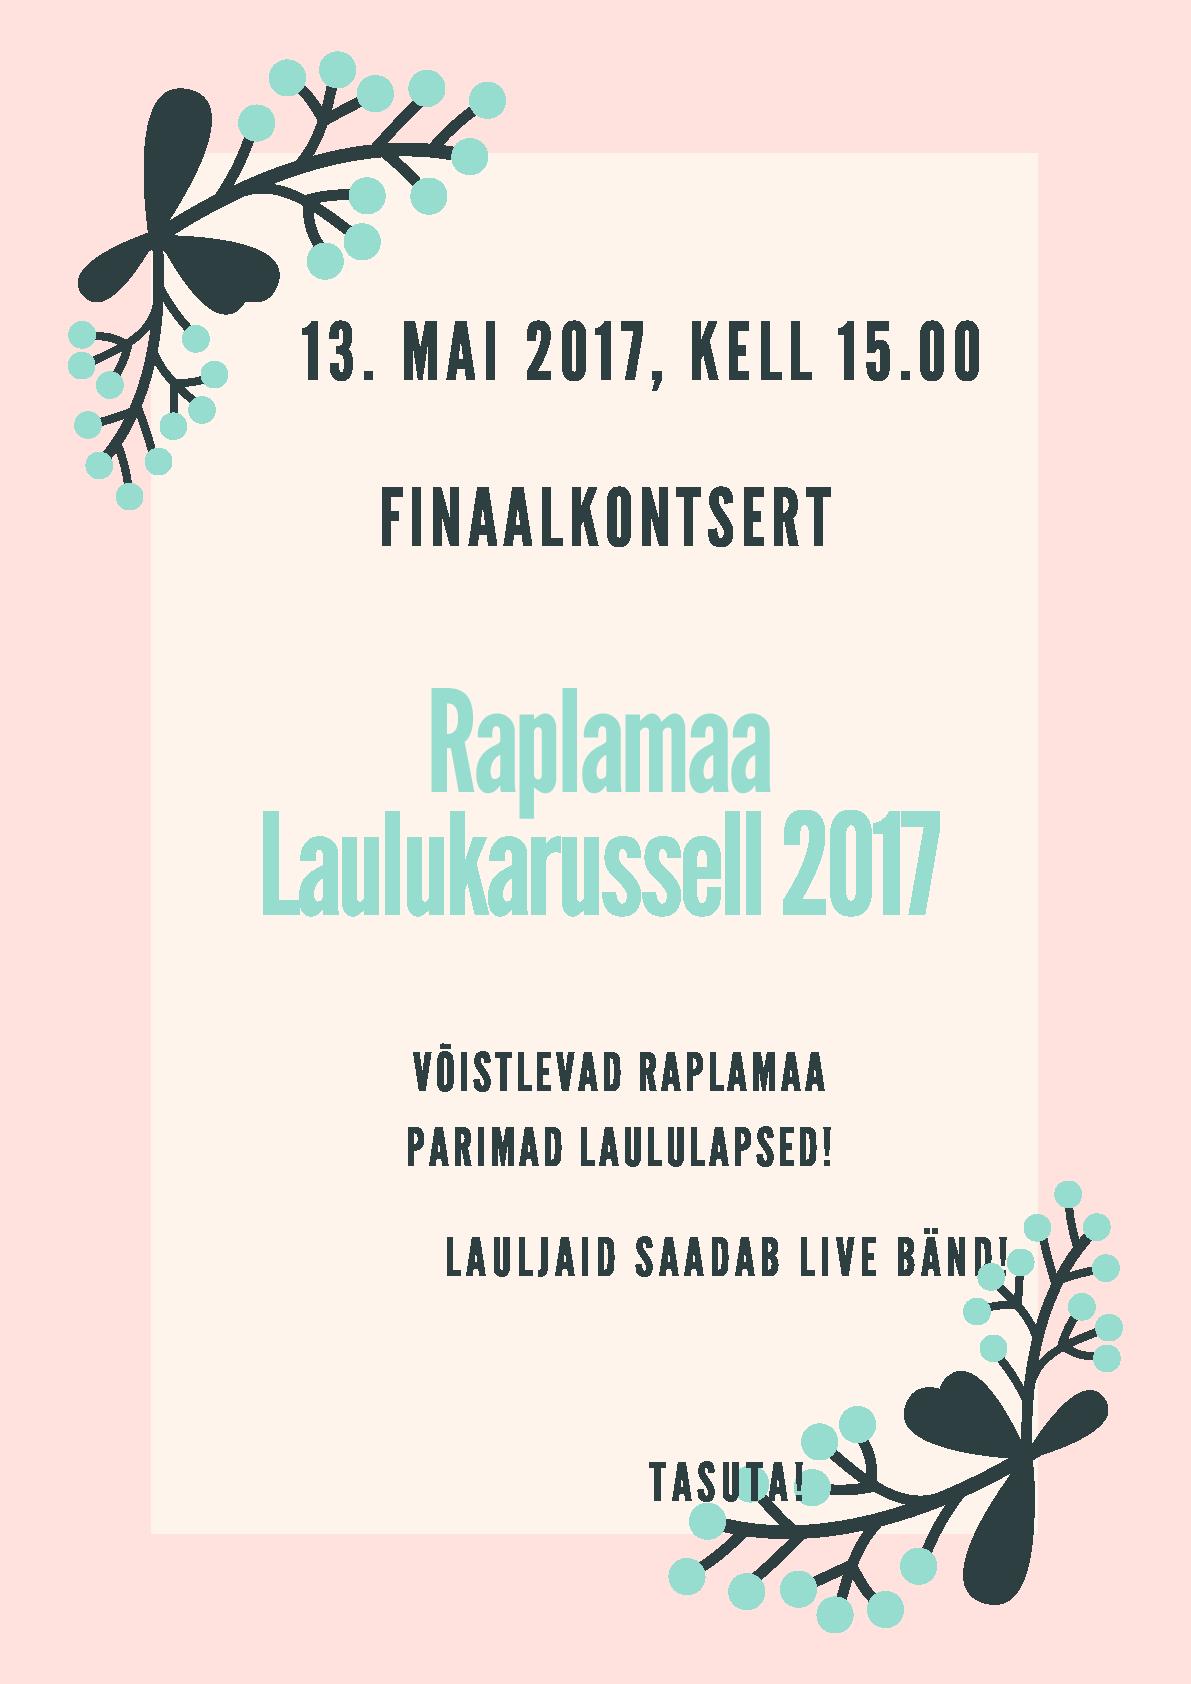 Raplamaa Laulukarussell 2017 finaalkontsert